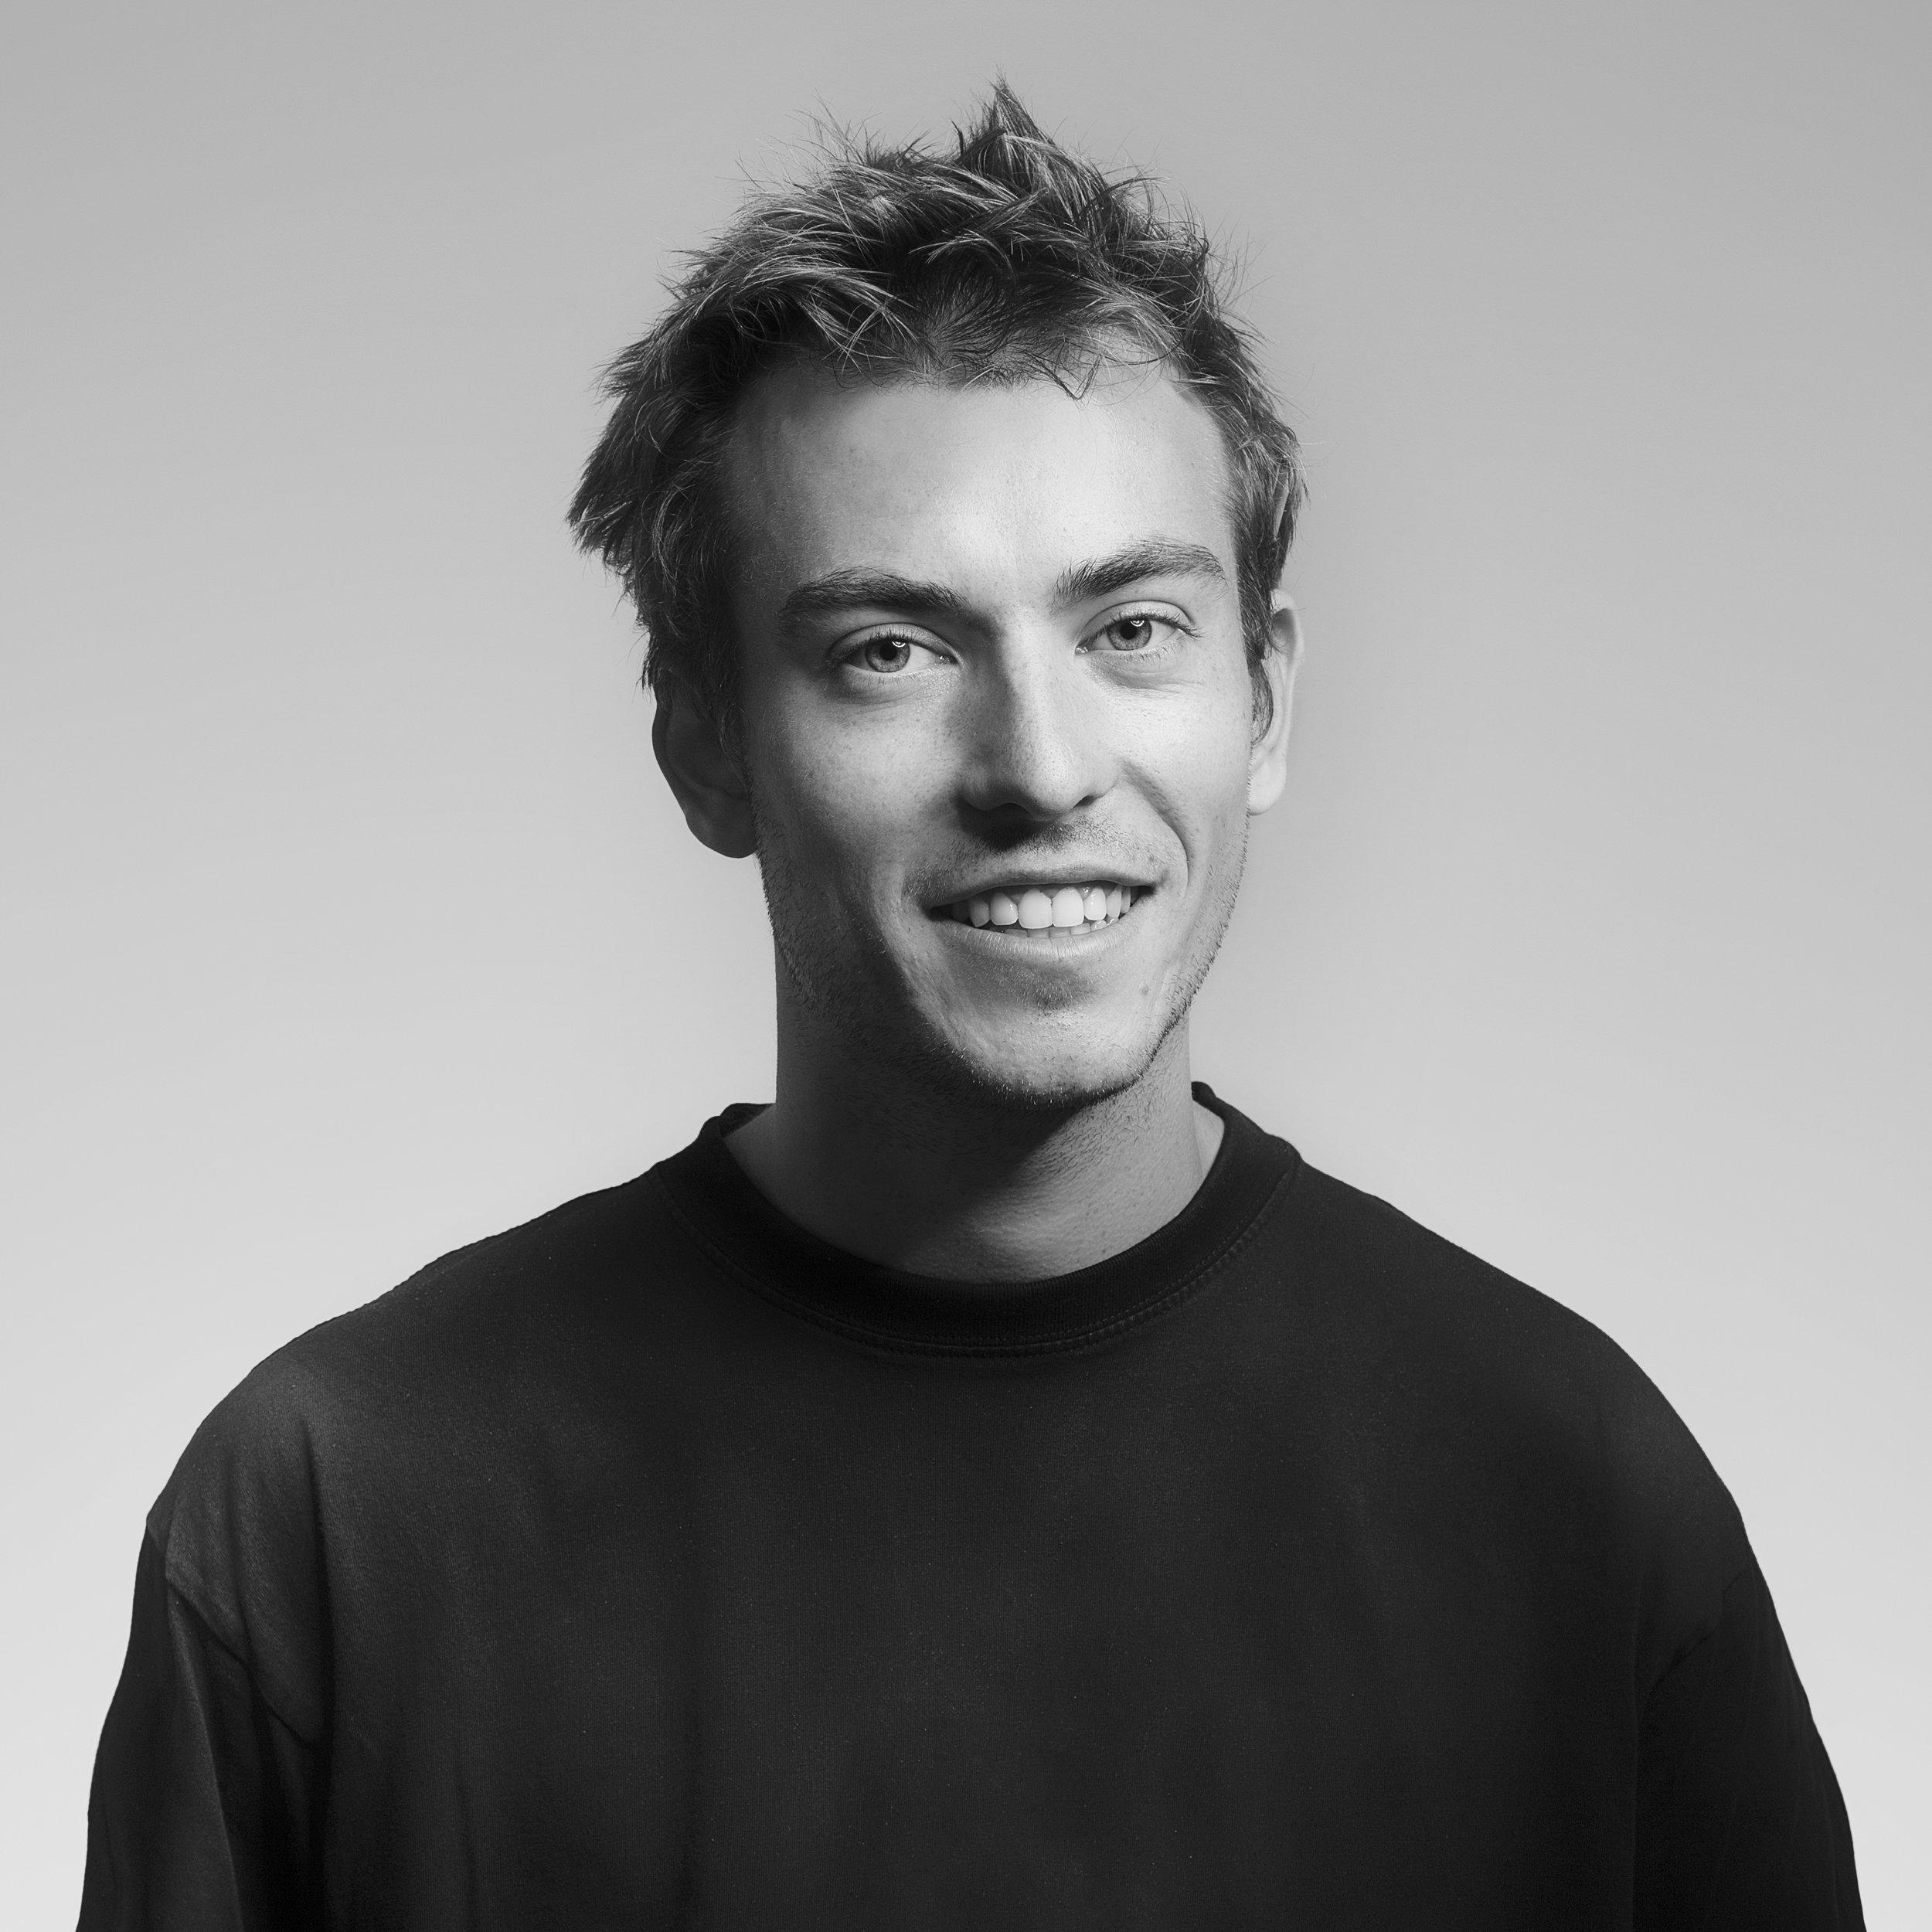 JAMES BYRT / Set Builder